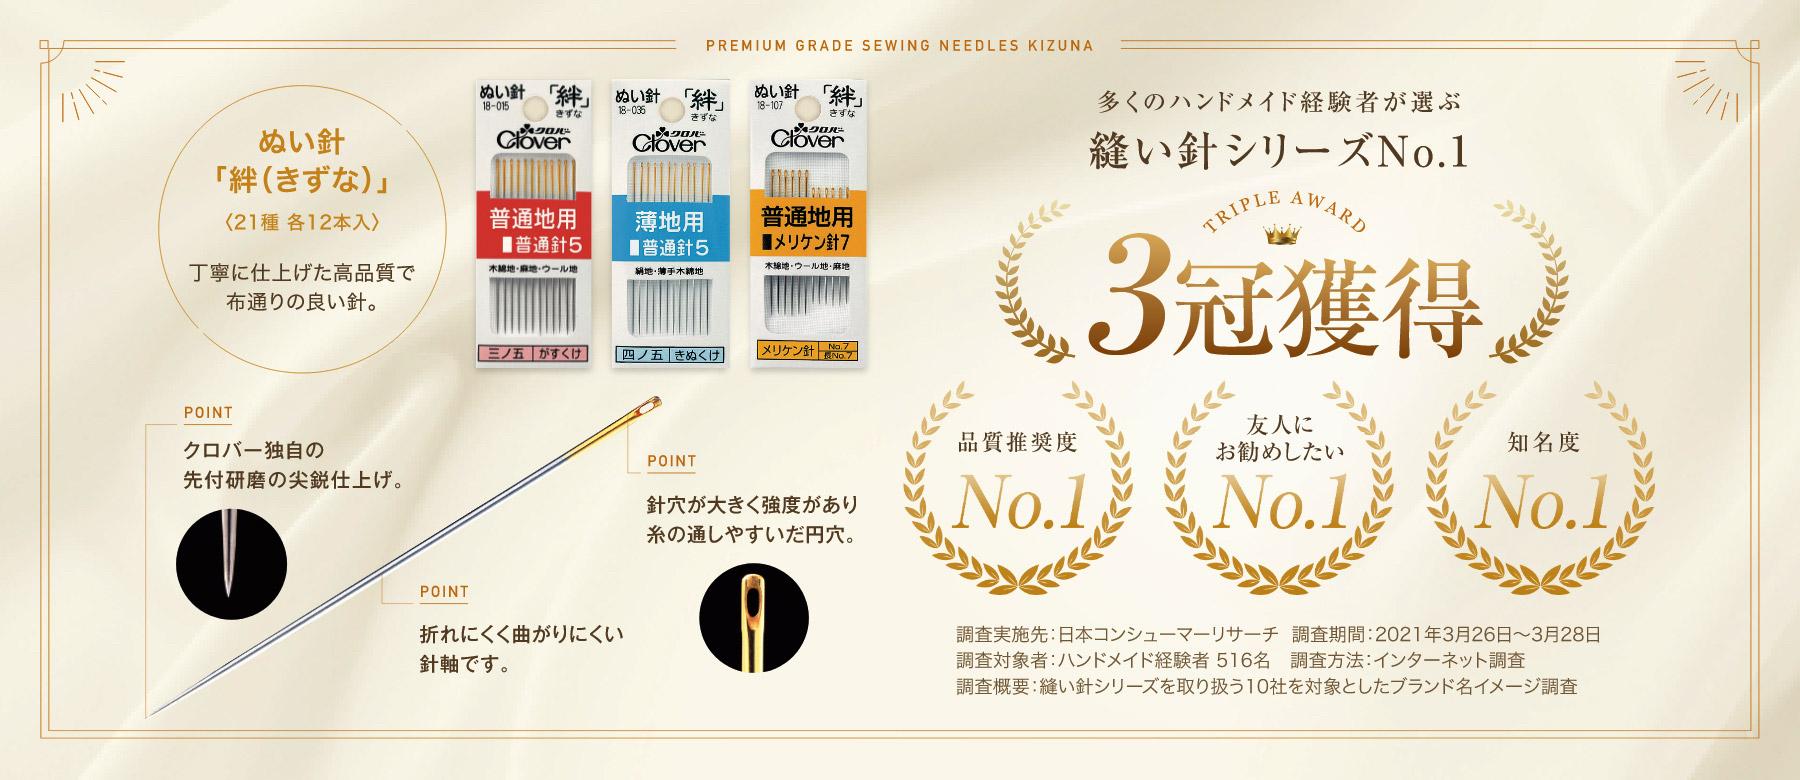 ぬい針「絆(きずな)」縫い針シリーズNo.1 3冠獲得